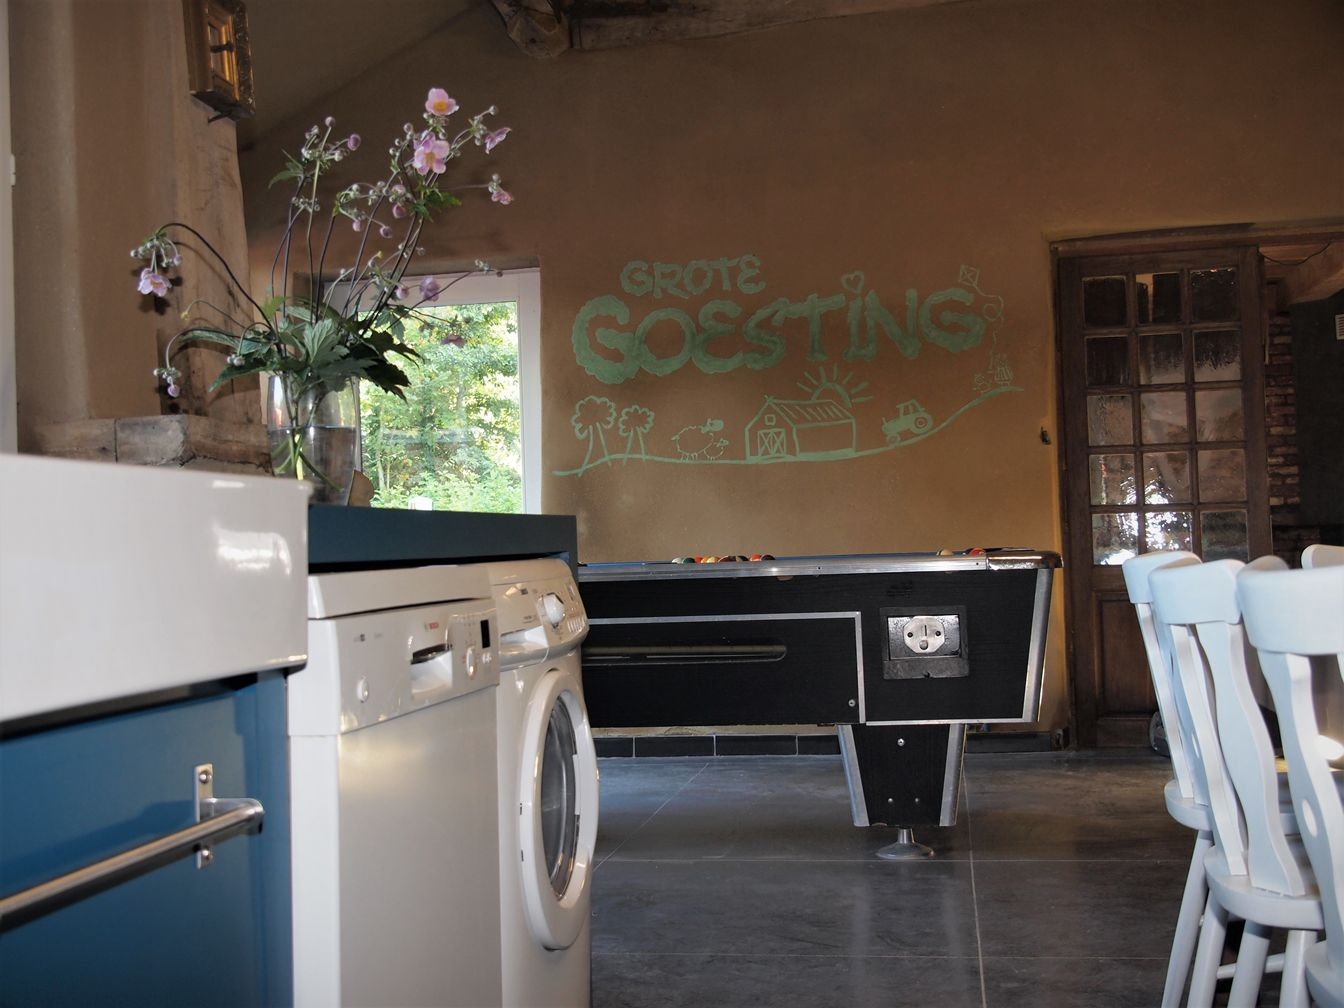 Wasmaschine -Afwasmaschine